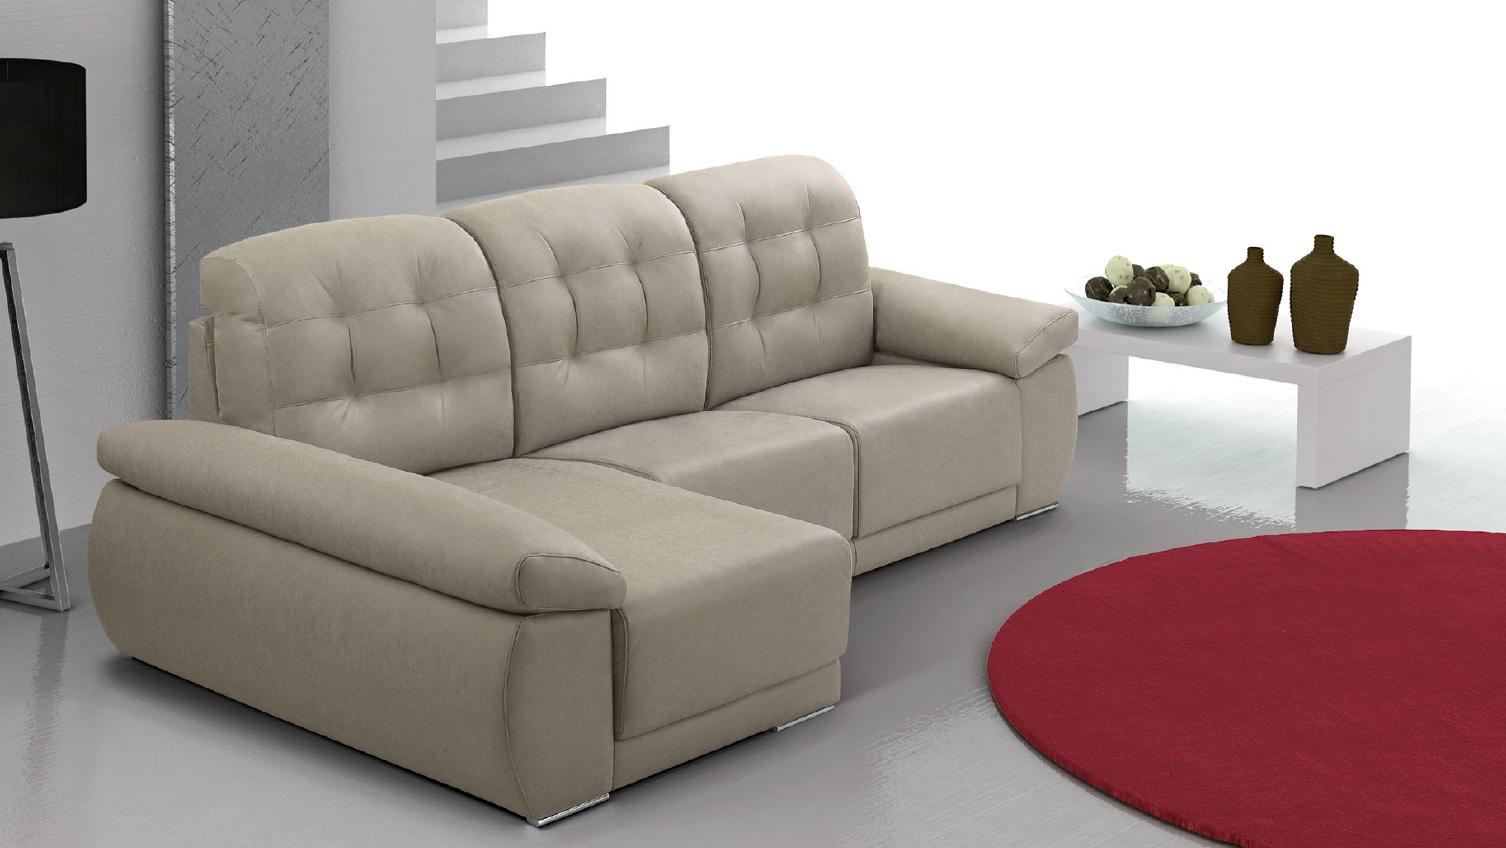 Tu tienda ahorro sof modelo toscana de juraco for Dormitorios ahorro total